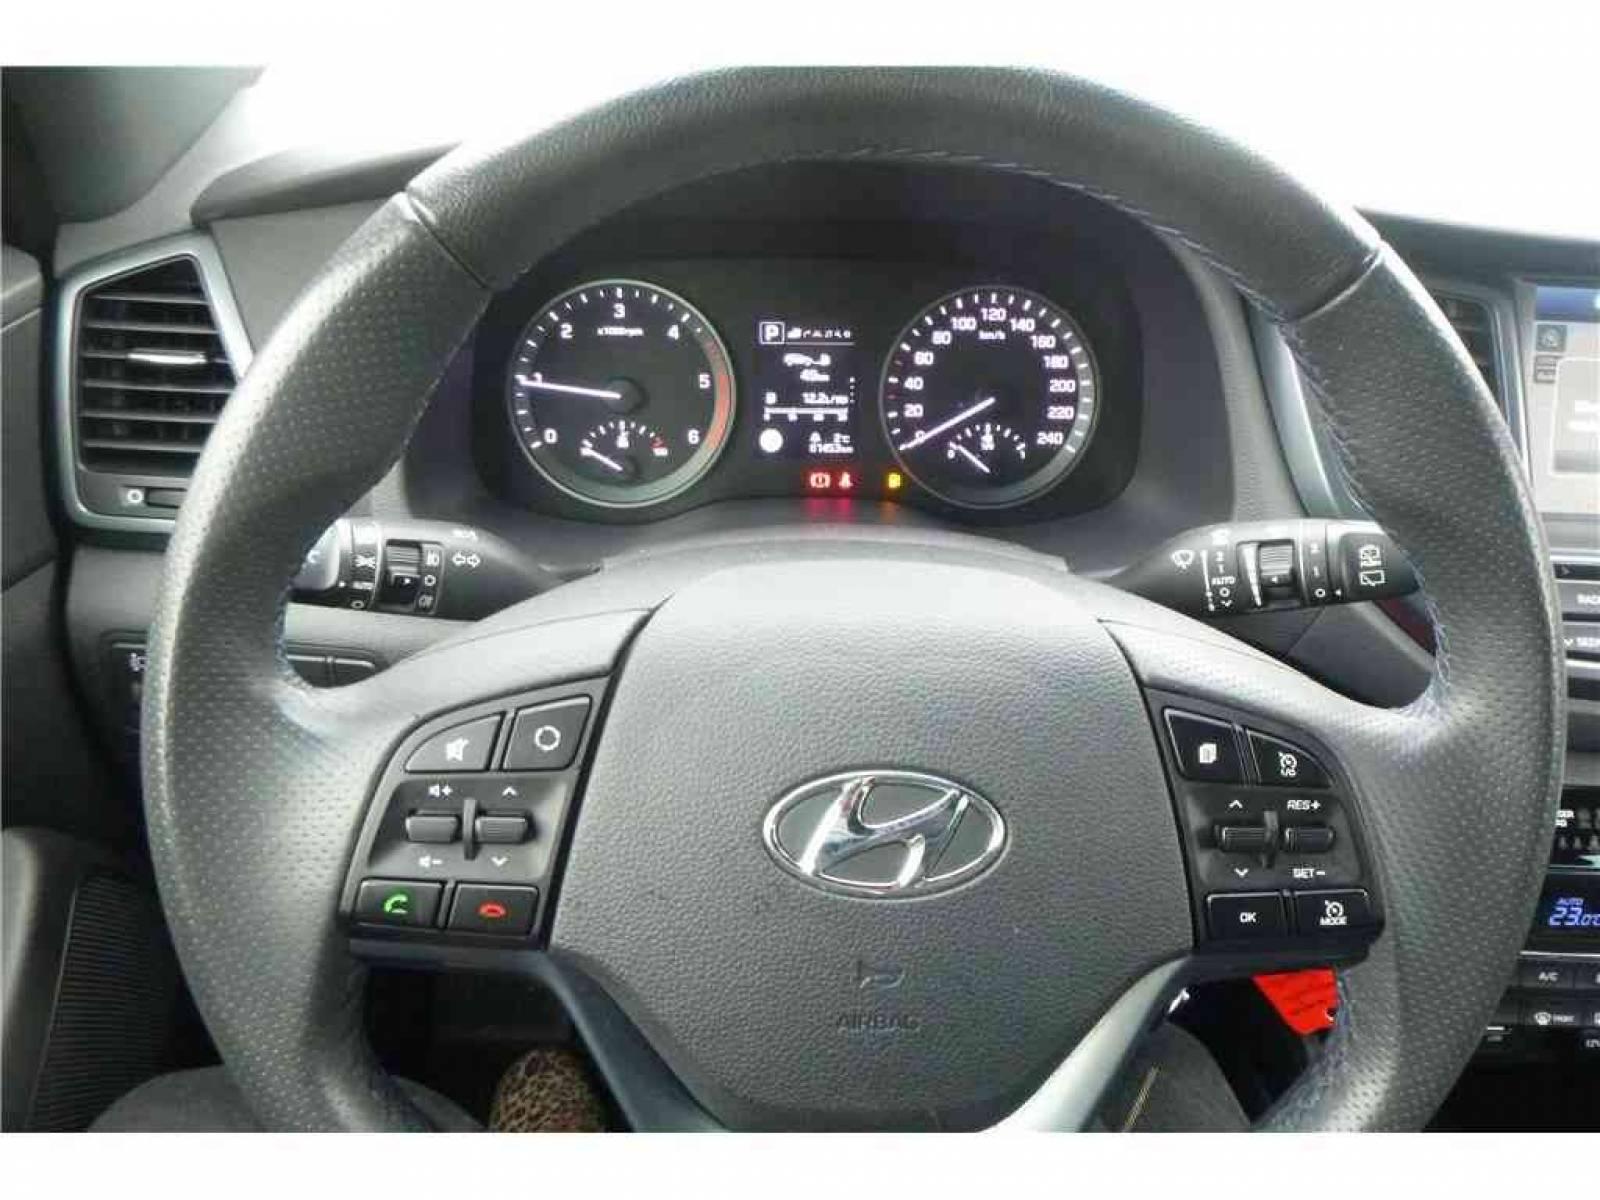 HYUNDAI Tucson 1.7 CRDi 141 2WD DCT-7 - véhicule d'occasion - Groupe Guillet - Hyundai - Zenith Motors – Montceau-les-Mines - 71300 - Montceau-les-Mines - 21